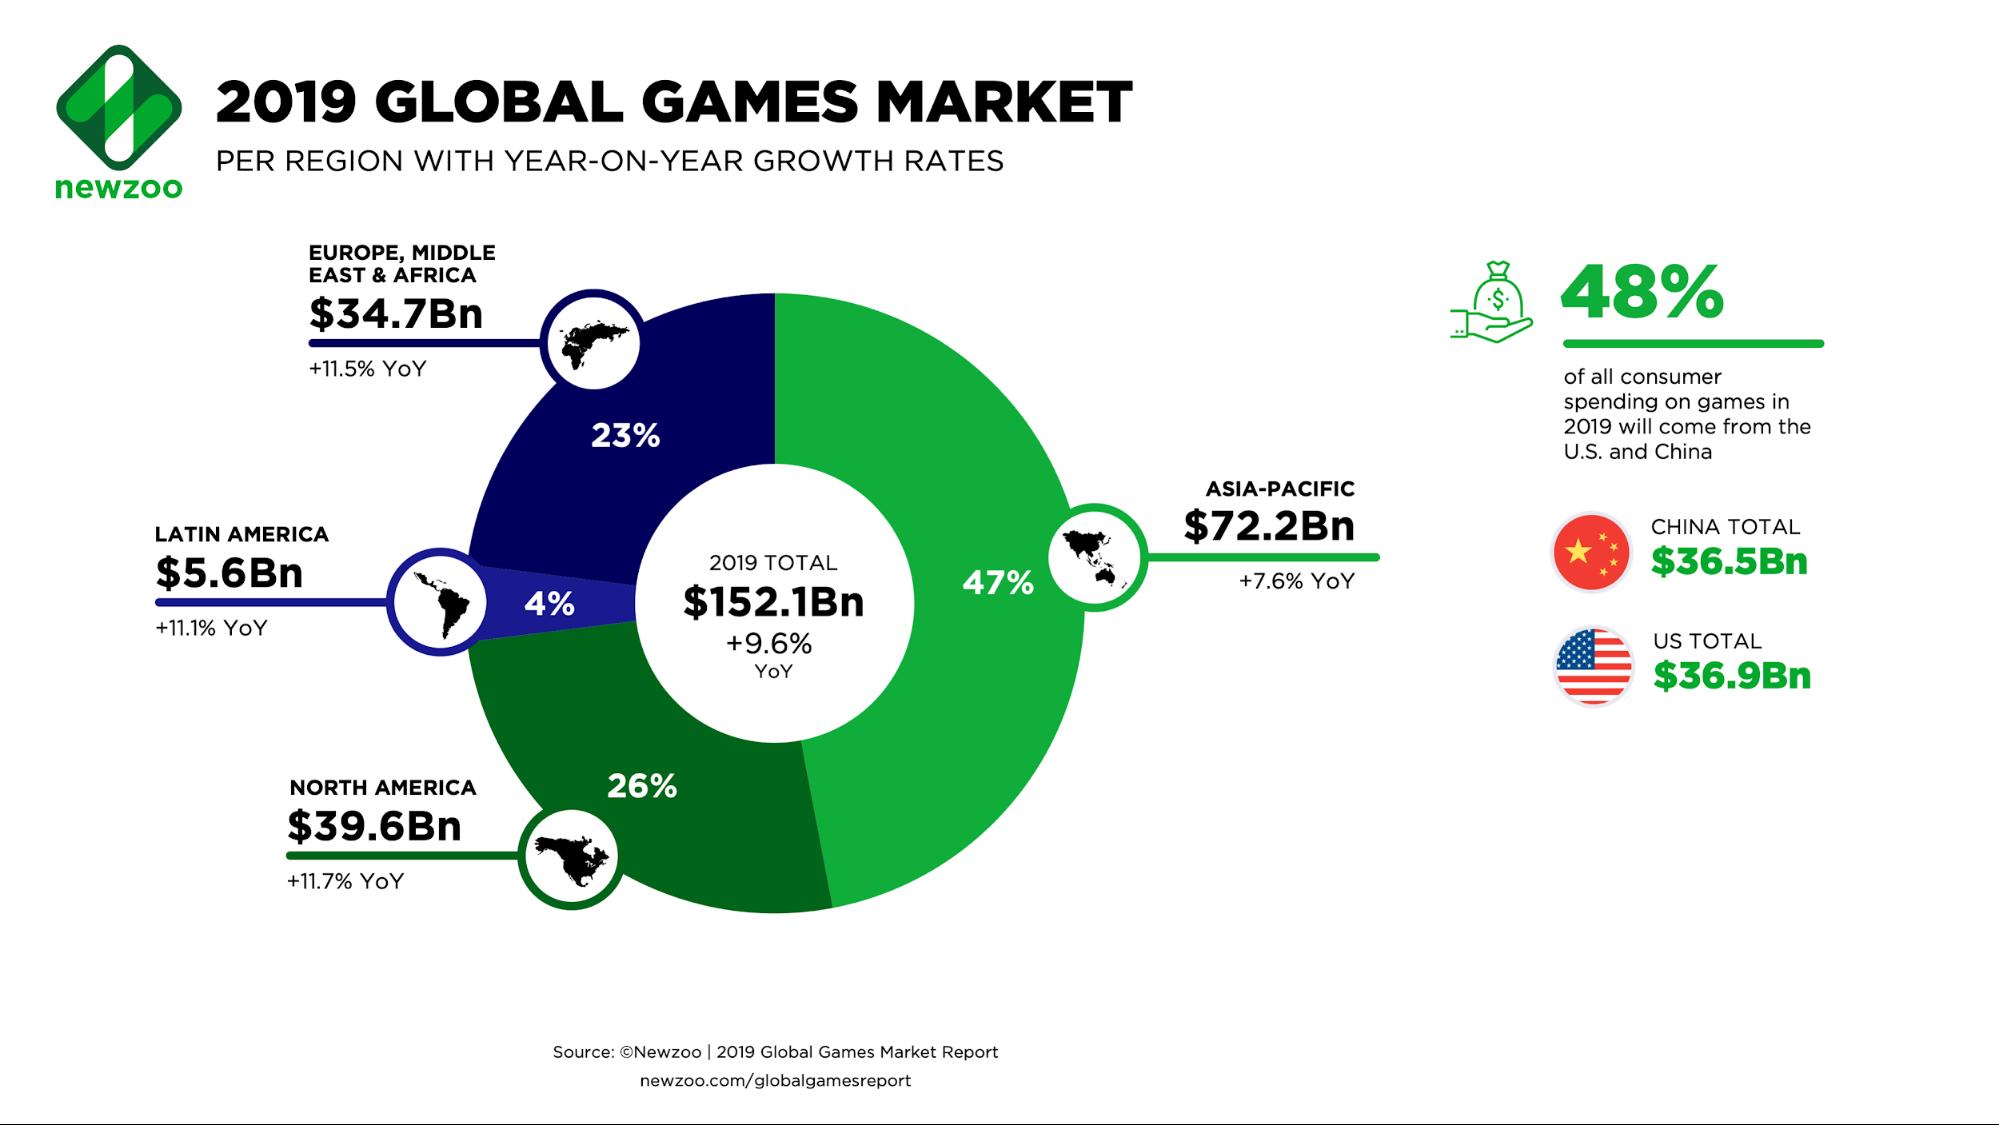 2019 Global Games Market